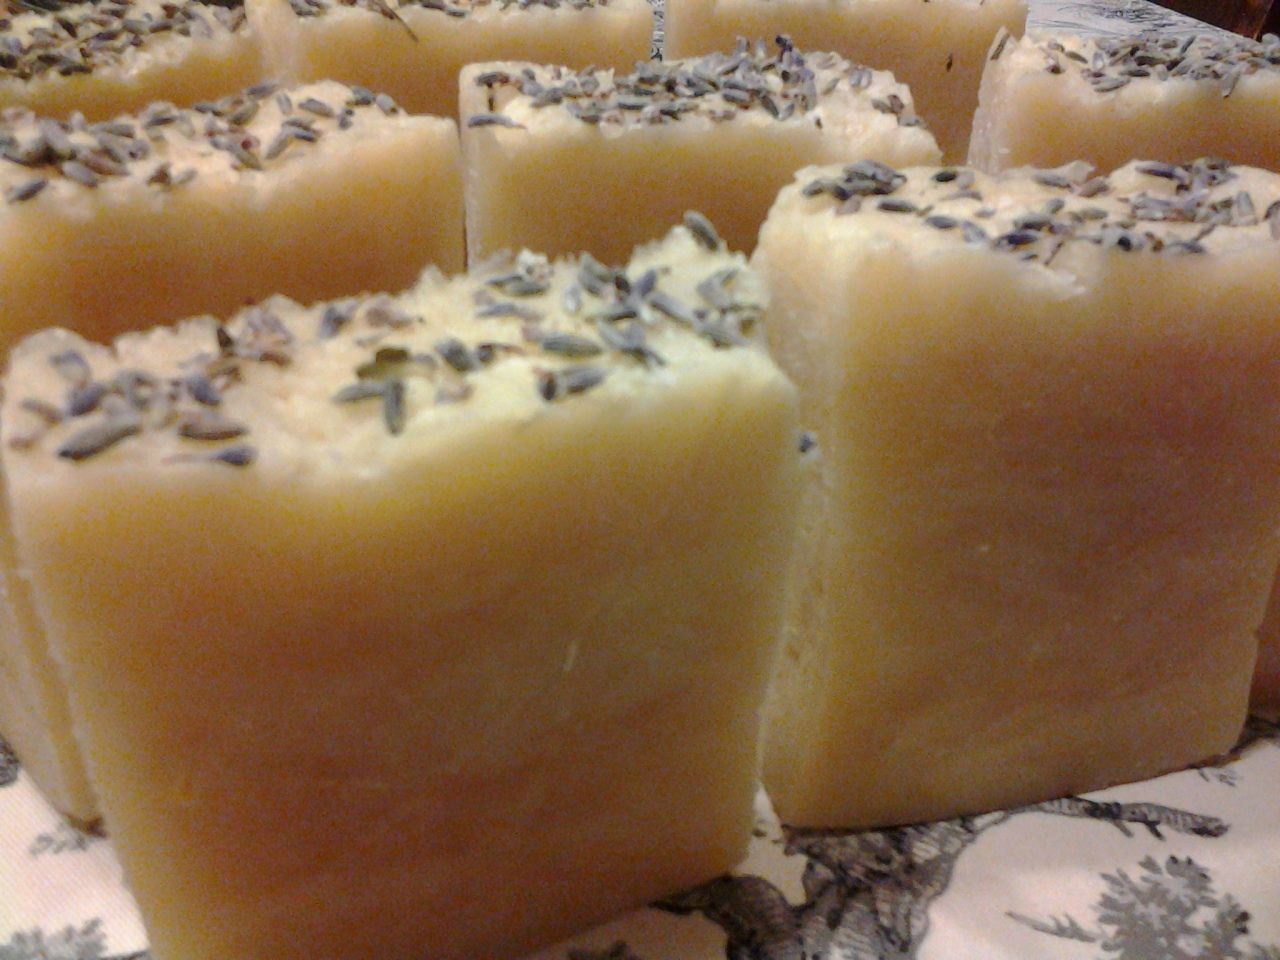 Our Lavender & Goat's Milk Soap